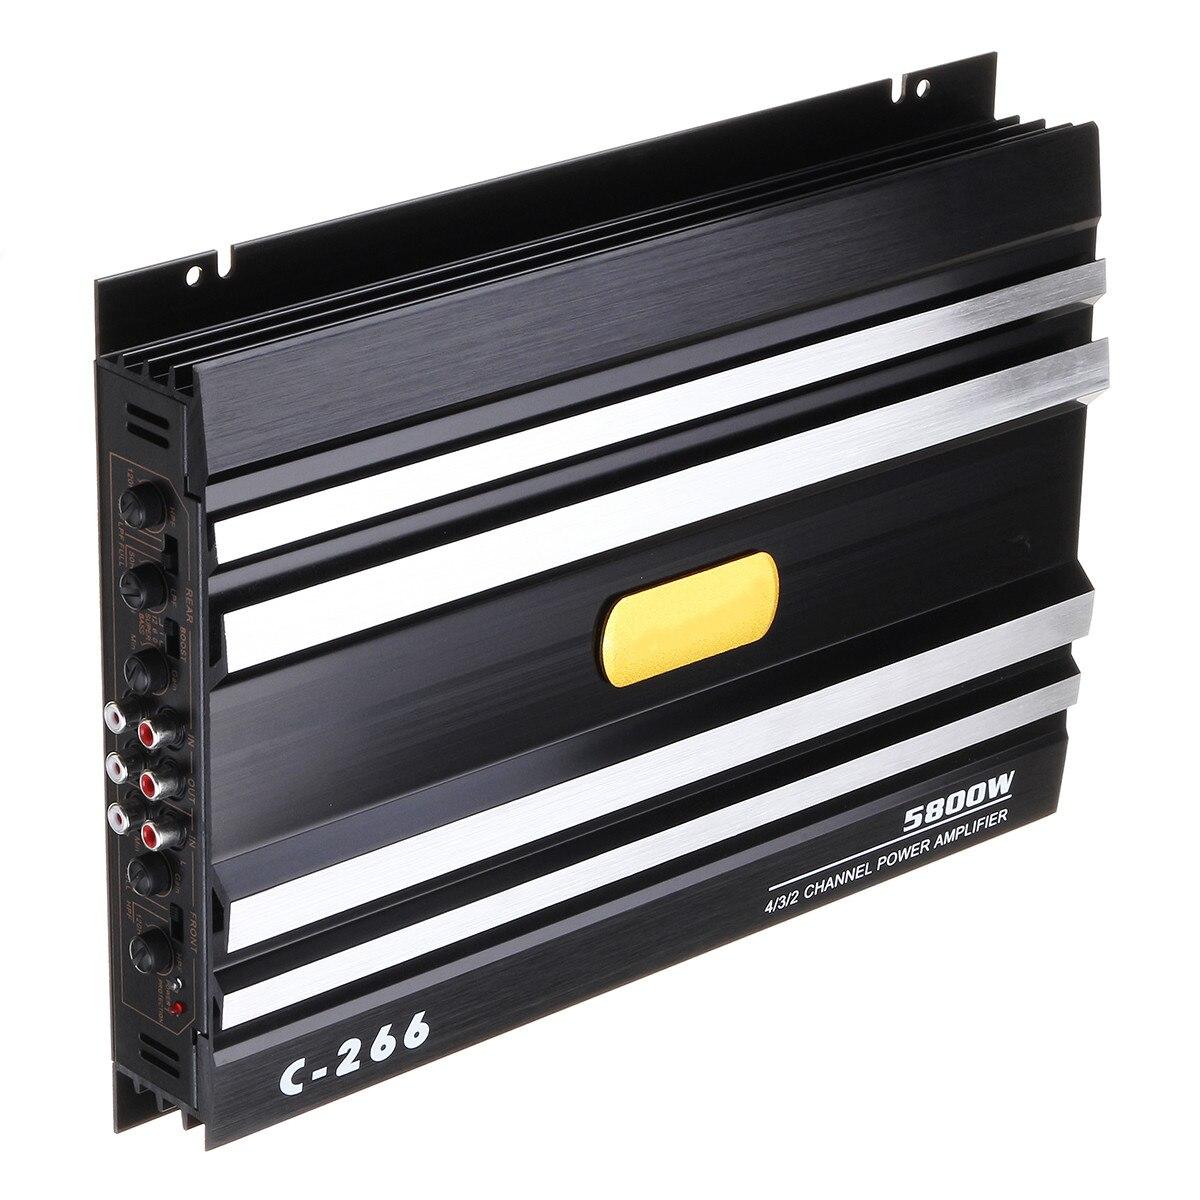 5800 ватт автомобильный аудио усилитель мощности 4 канала 12 В автомобильный усилитель звука для автомобиля для автомобилей разъем Усилитель-...